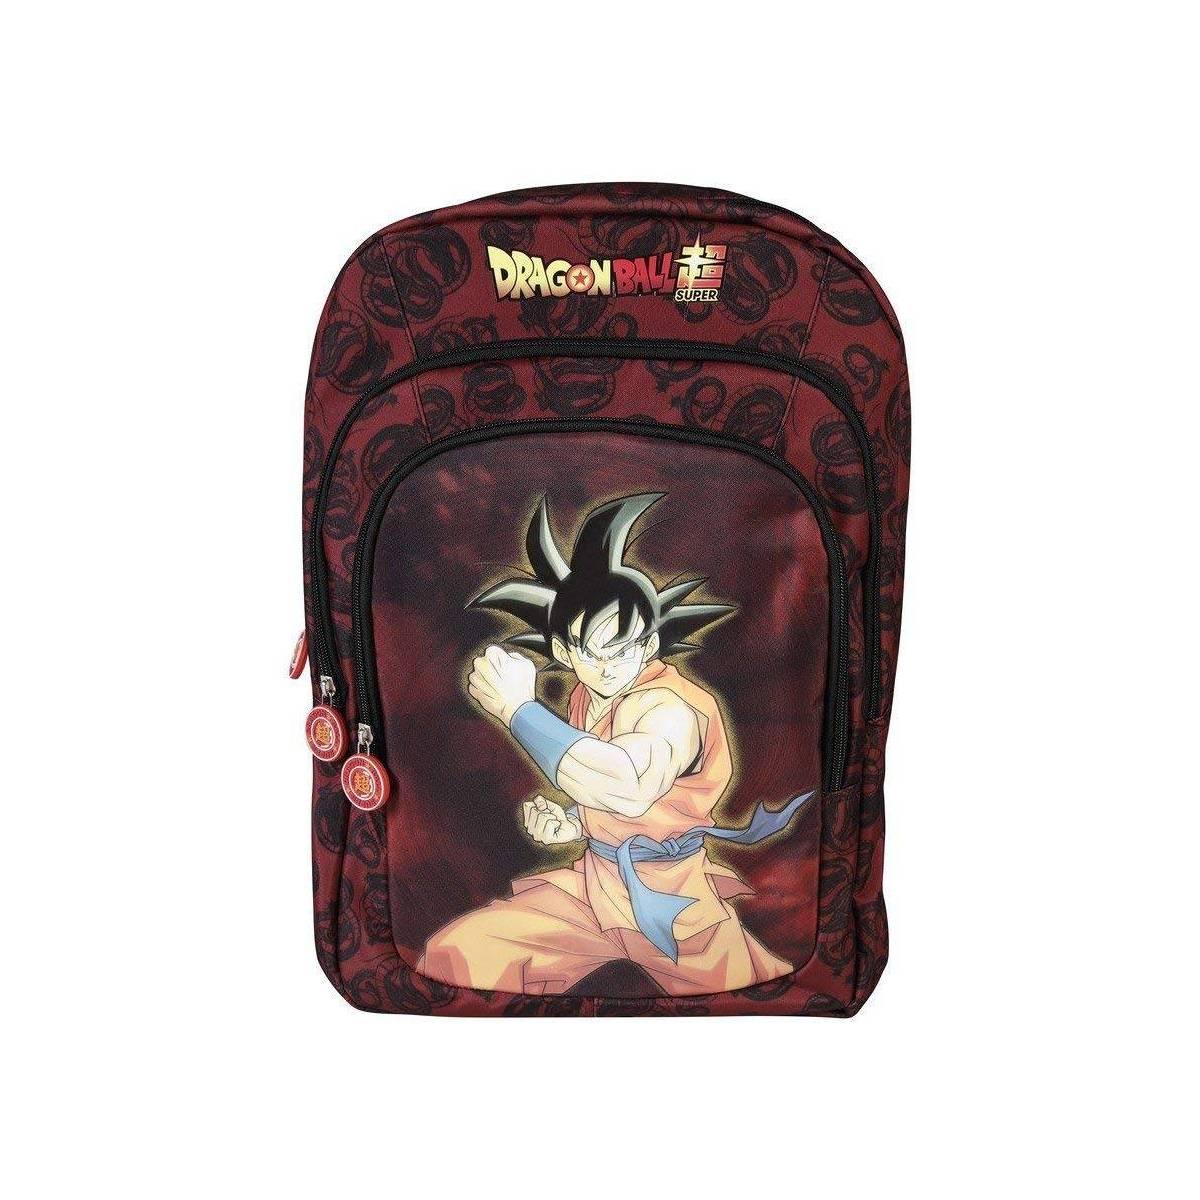 Dragon Ball Super - Sac à Dos 3 Compartiments Goku Noir - 44 cm